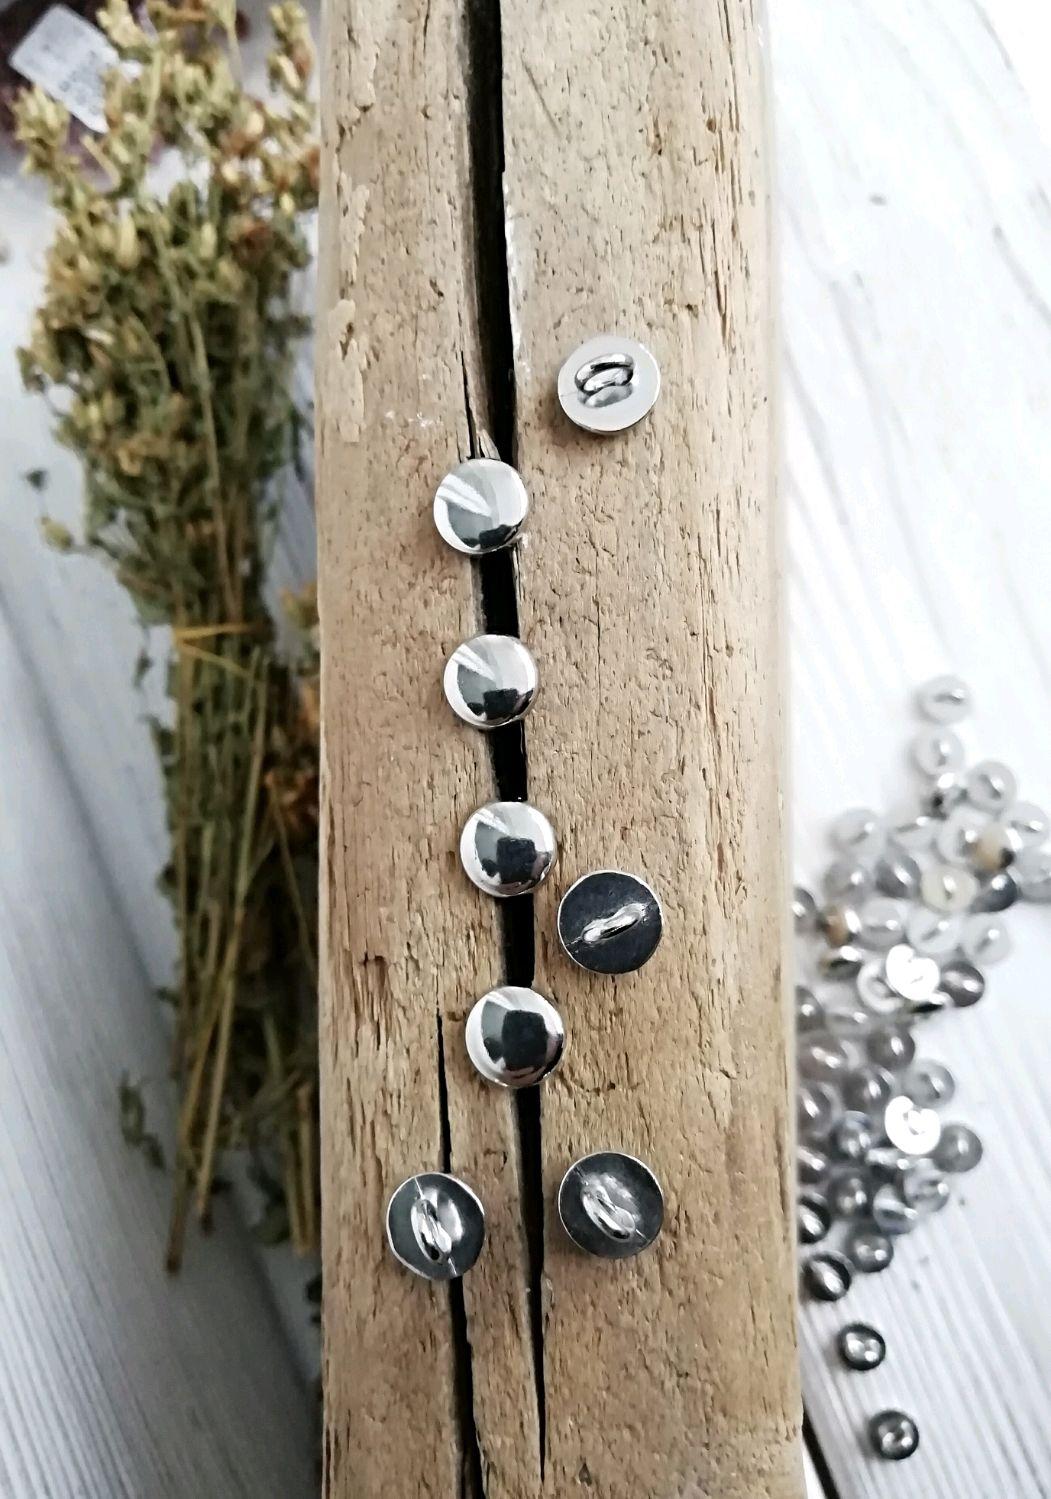 Пуговицы металлические 8мм пуговица гриб на ножке металл, Пуговицы, Железнодорожный,  Фото №1